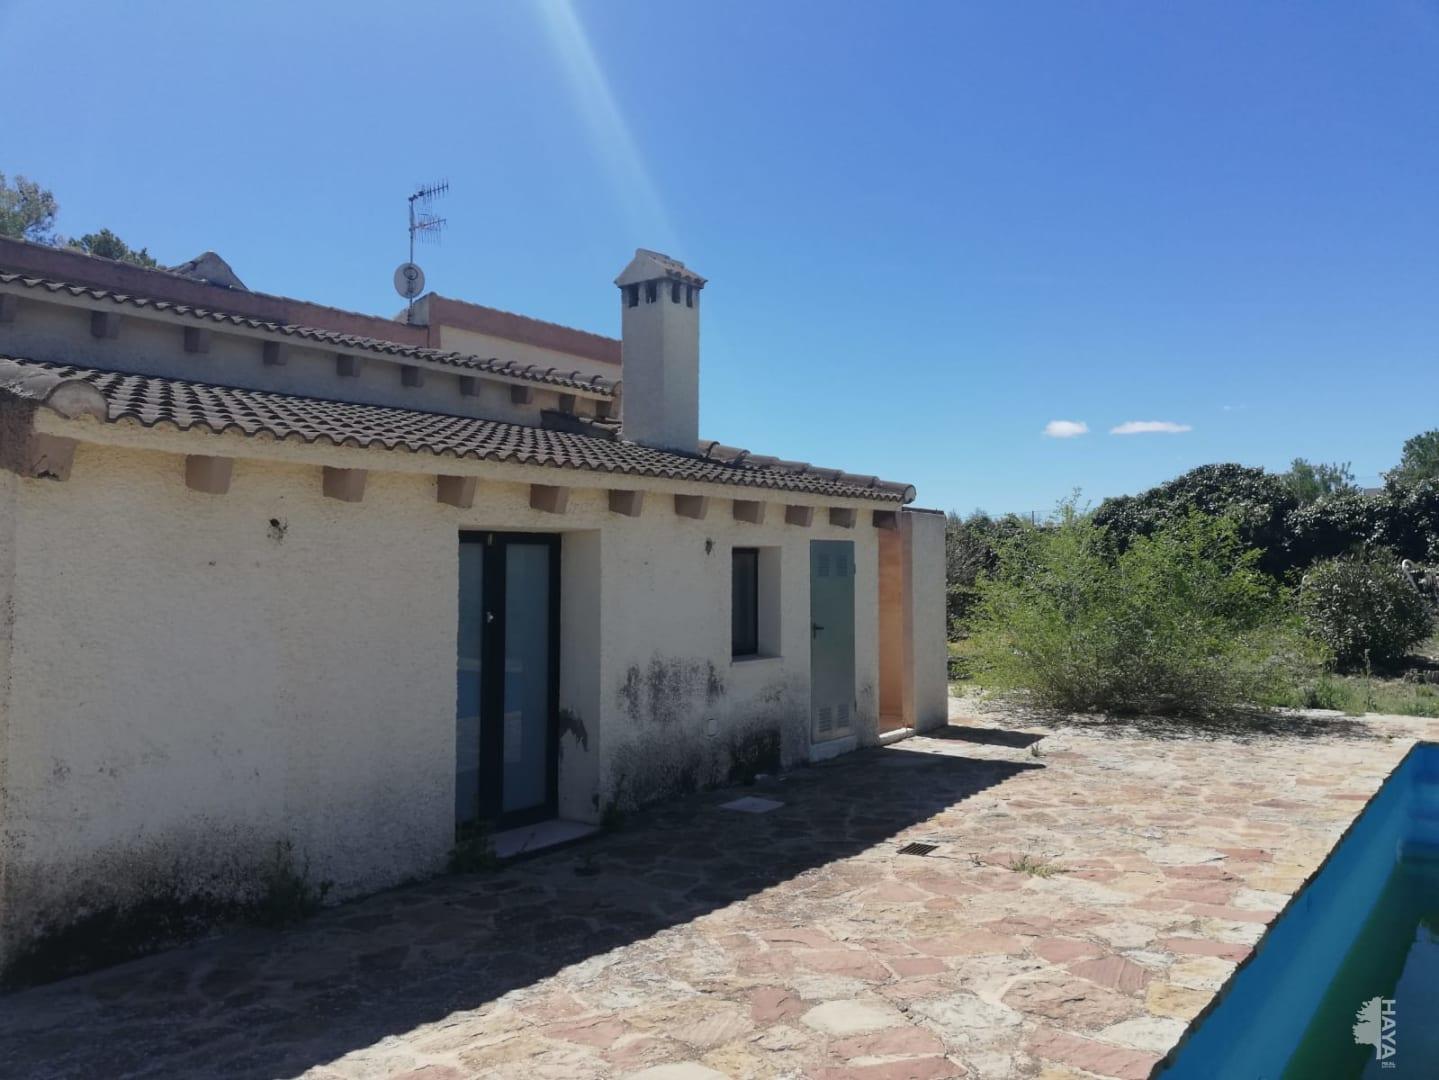 Casa en venta en Almansa, Albacete, Lugar la Fuentecicas, 94.971 €, 3 habitaciones, 3 baños, 110 m2